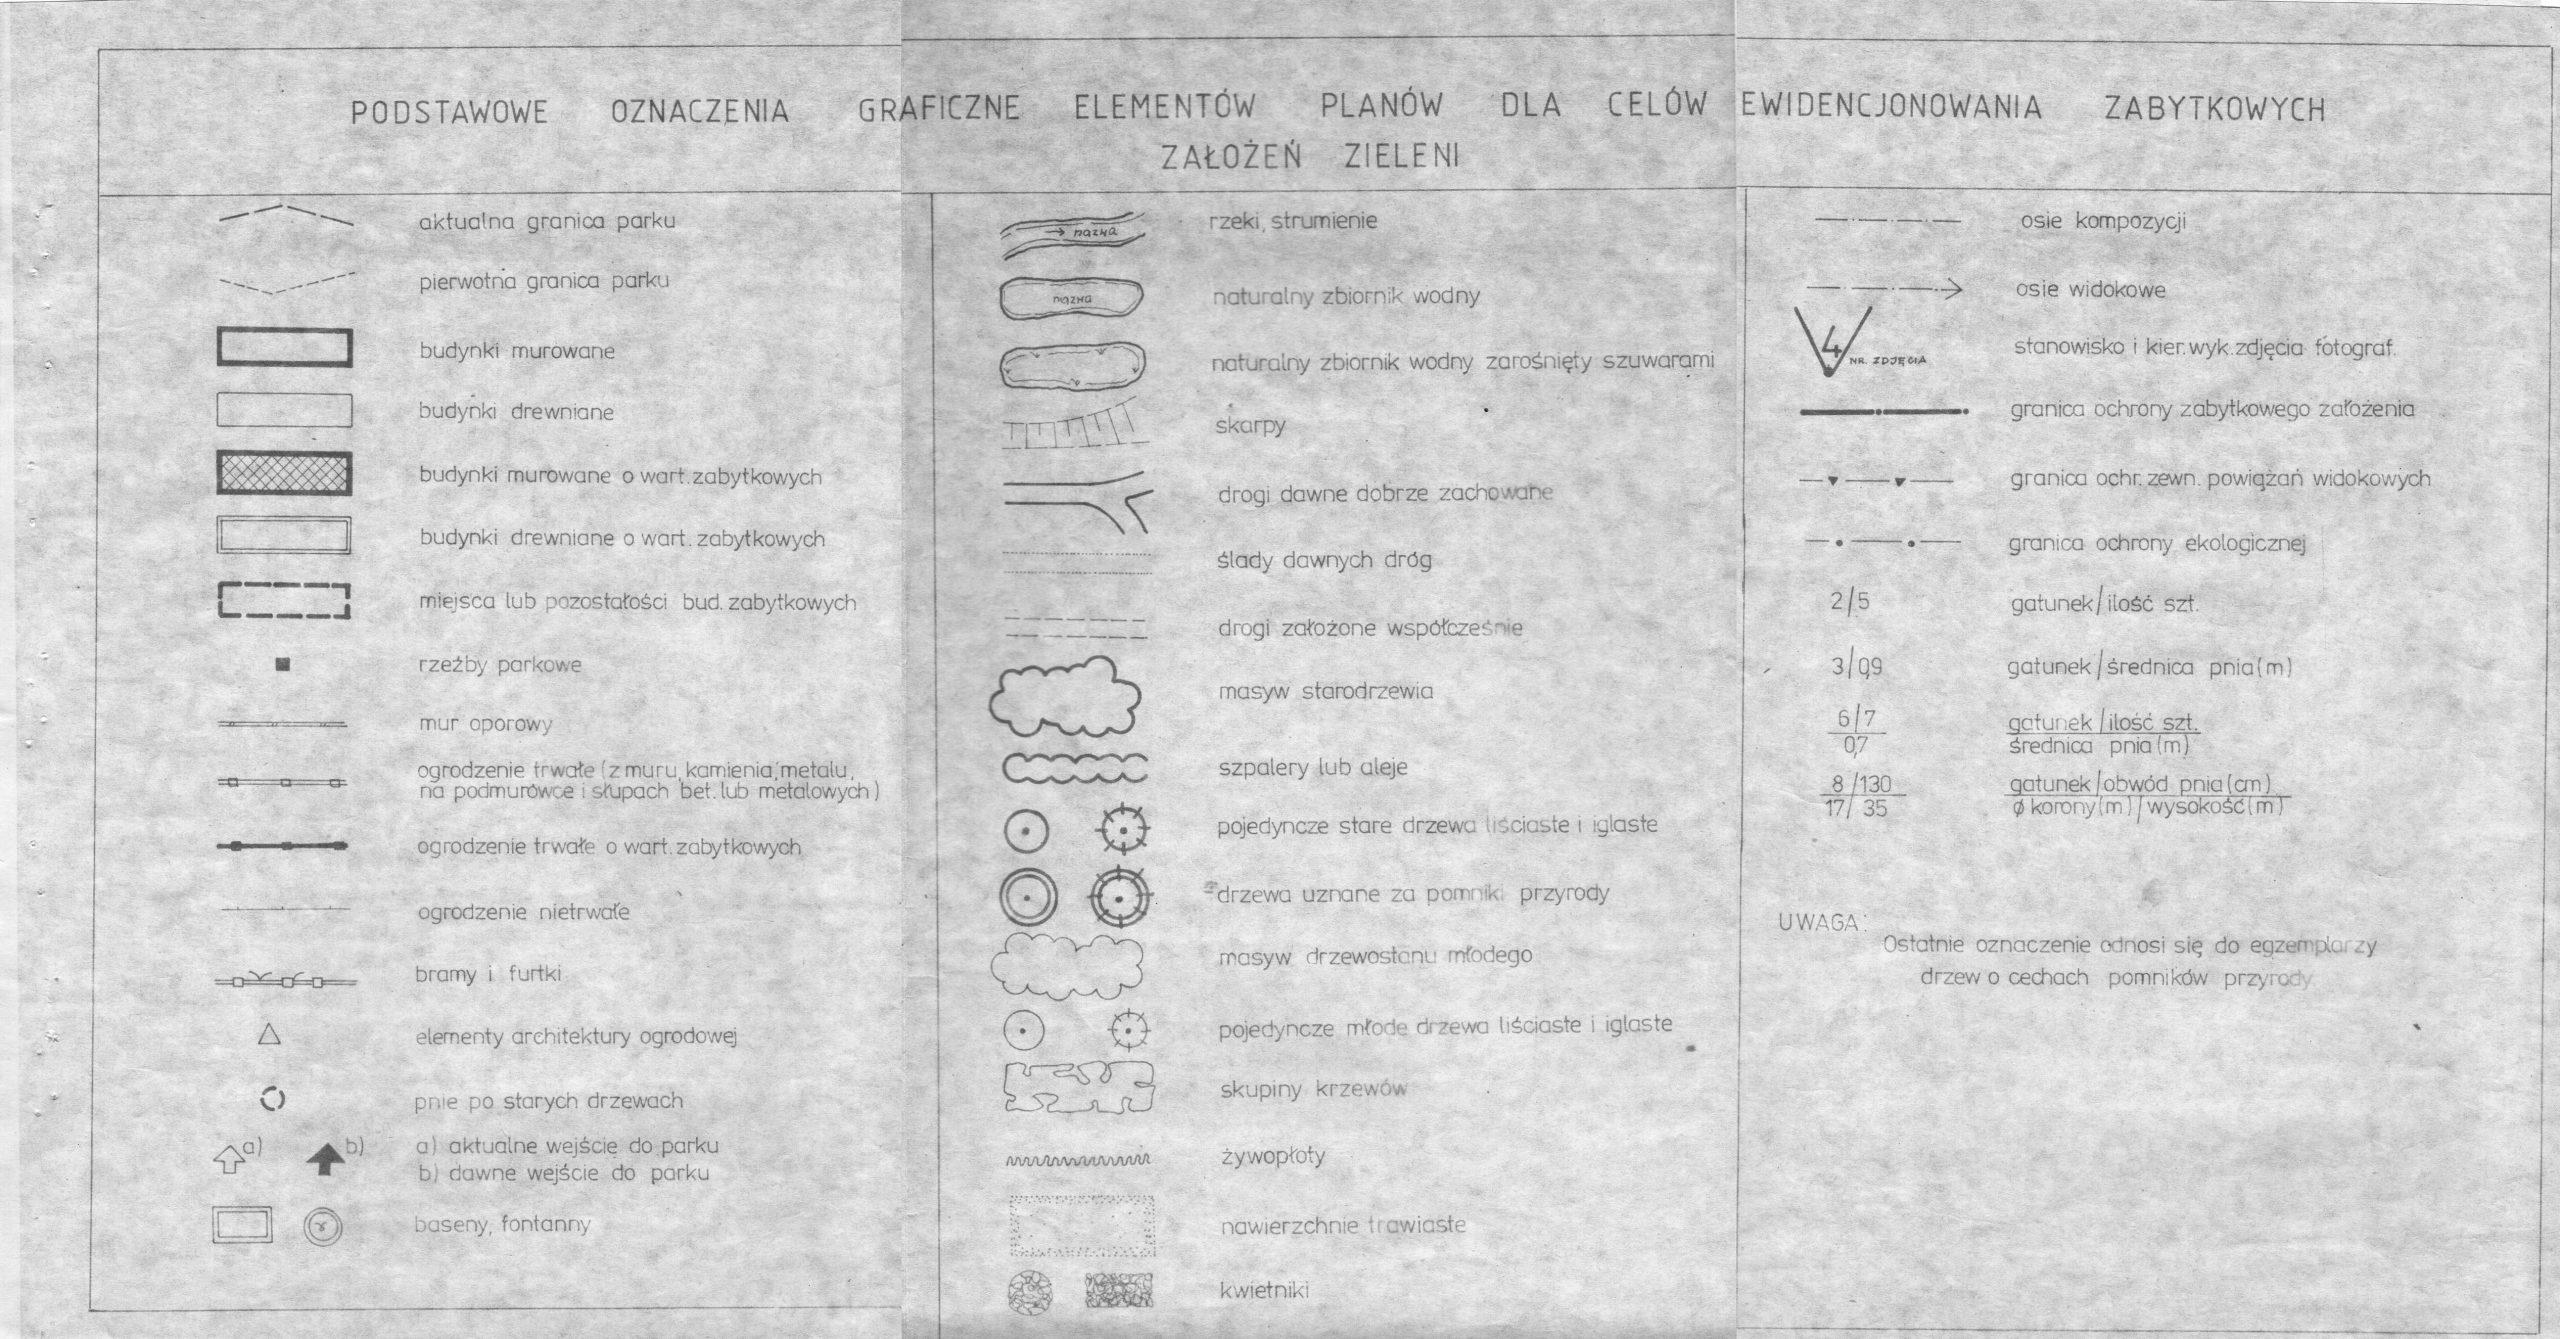 Ewidencja założenia ogrodowo-parkowego 1987 plan (2)